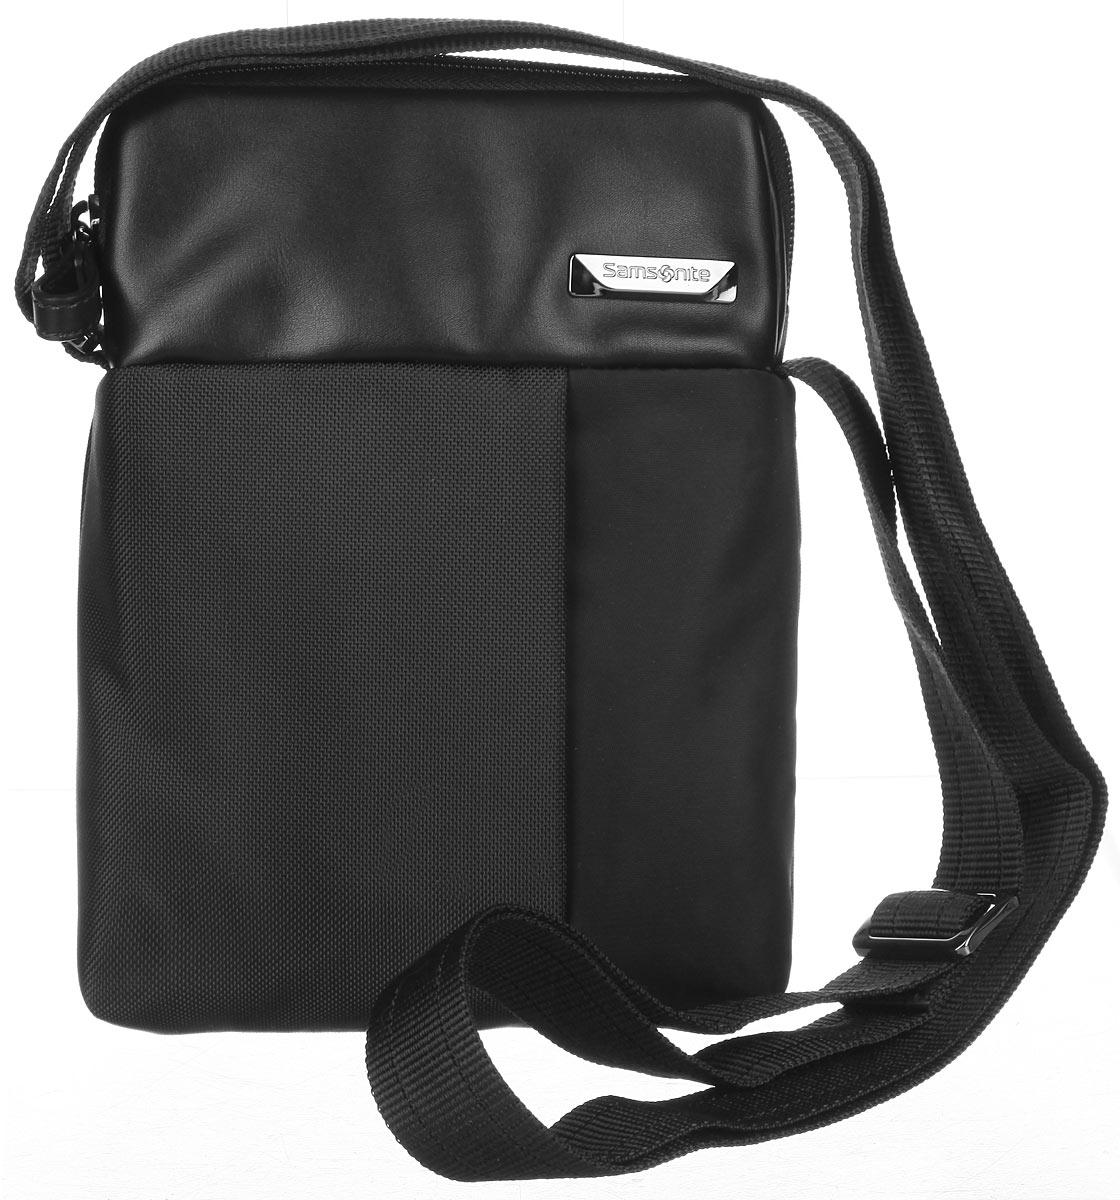 Сумка мужская Samsonite, цвет: черный. 49D-0900149D-09001Стильная мужская сумка Samsonite выполнена из нейлона и полиуретана, оформлена металлической фурнитурой с символикой бренда. Изделие содержит одно основное отделение, закрывающееся на застежку-молнию. Внутри сумки расположен небольшой встроенный органайзер, включающий в себя два фиксатора для ручек и два кармашка для пластиковых карт. Задняя сторона сумки дополнена накладным карманом на застежке- липучке. На лицевой стороне расположен скрытый кармашек на молнии. Изделие оснащено практичным плечевым ремнем регулируемой длины. Сегодня мужская сумка - необходимый аксессуар для современного мужчины.